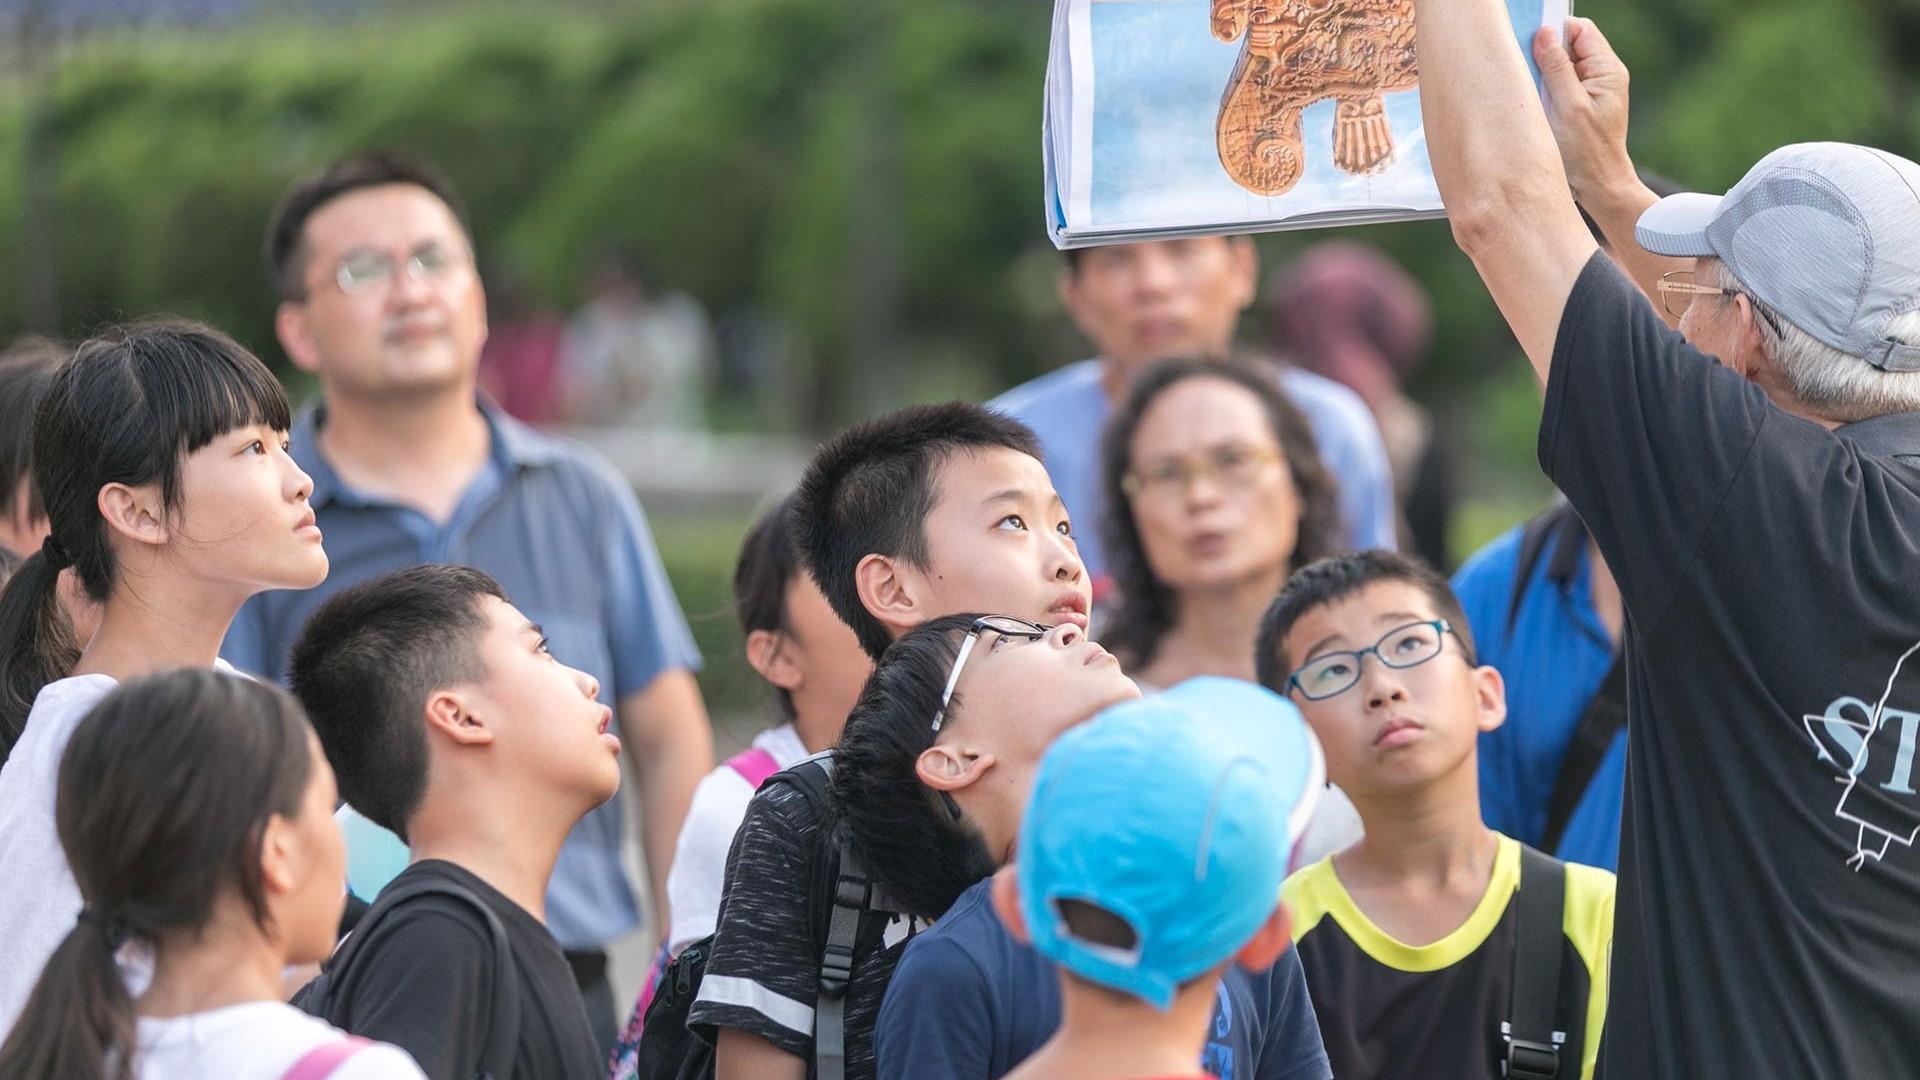 利奇馬颱風也擋不住孩子們渴望接觸表演藝術的熱情。